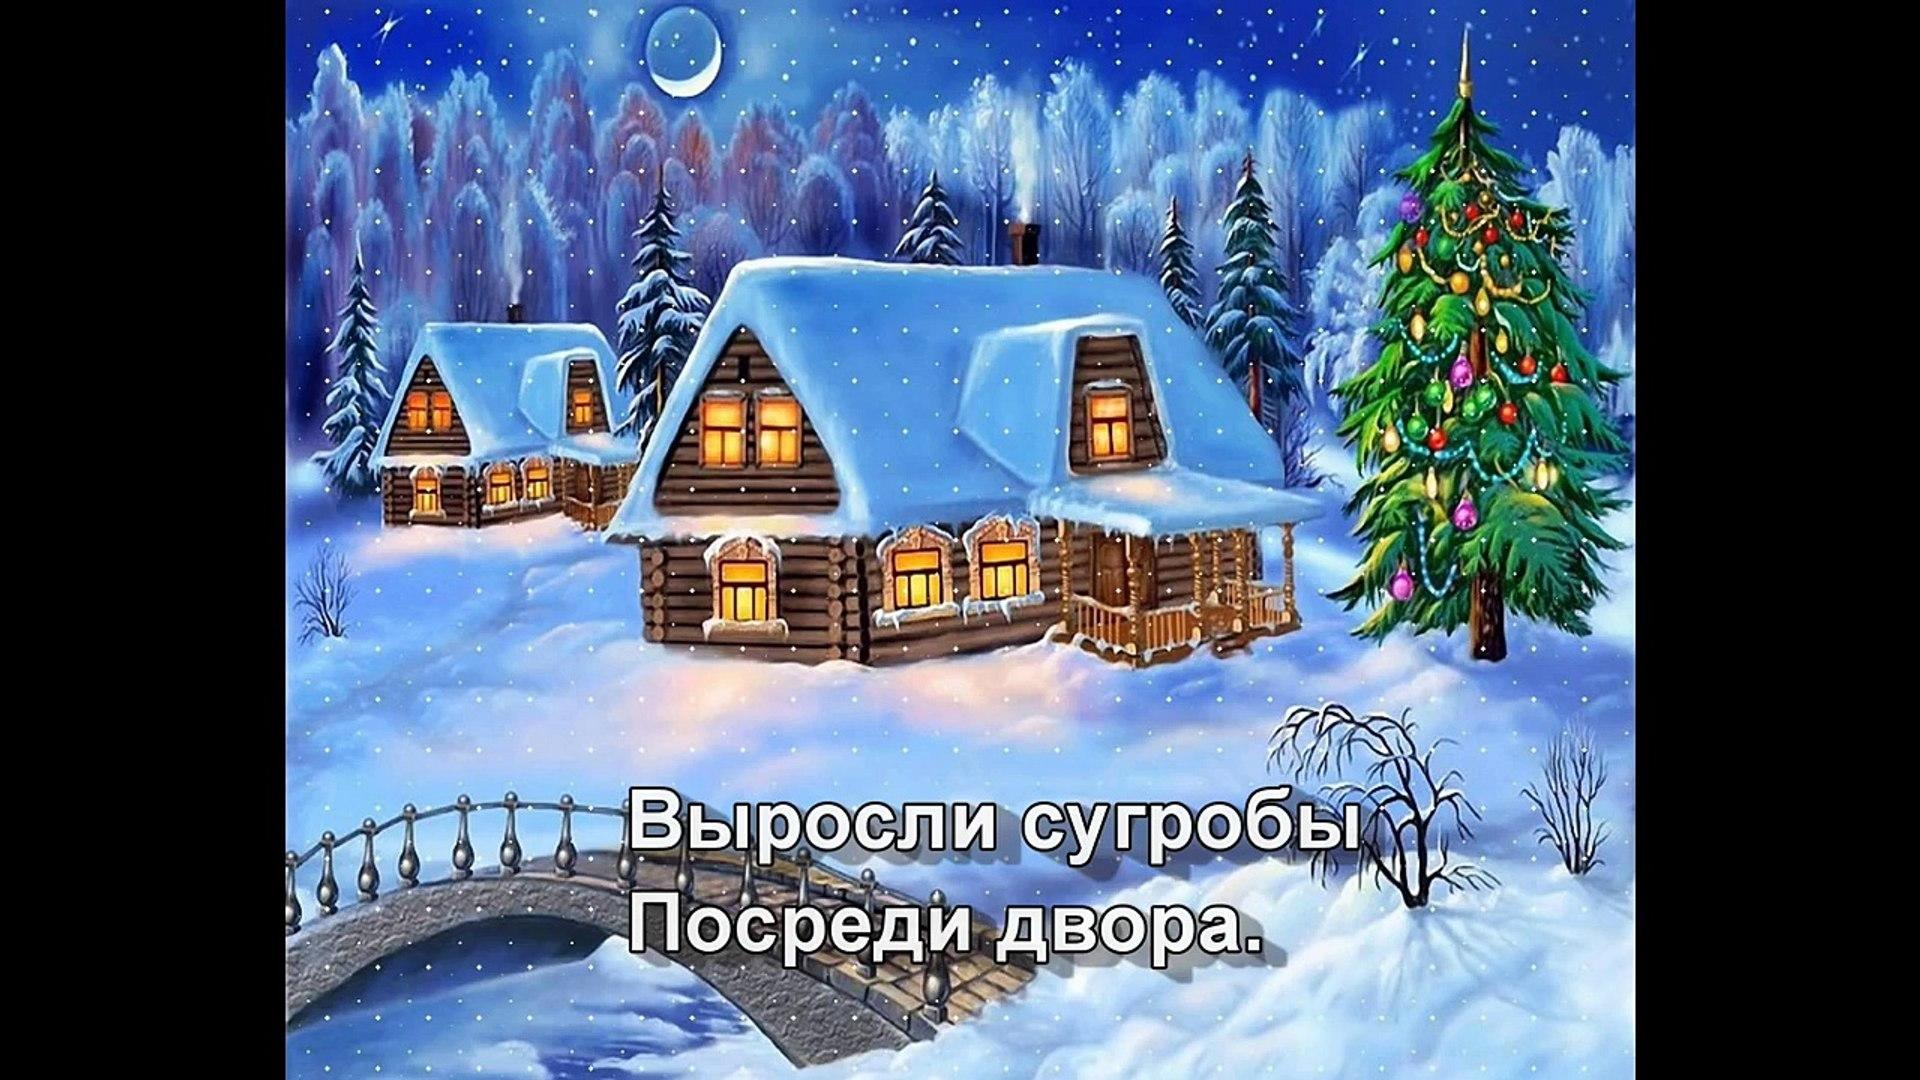 ♫ Белые снежинки | Новогодние песни для детей (с субтитрами)